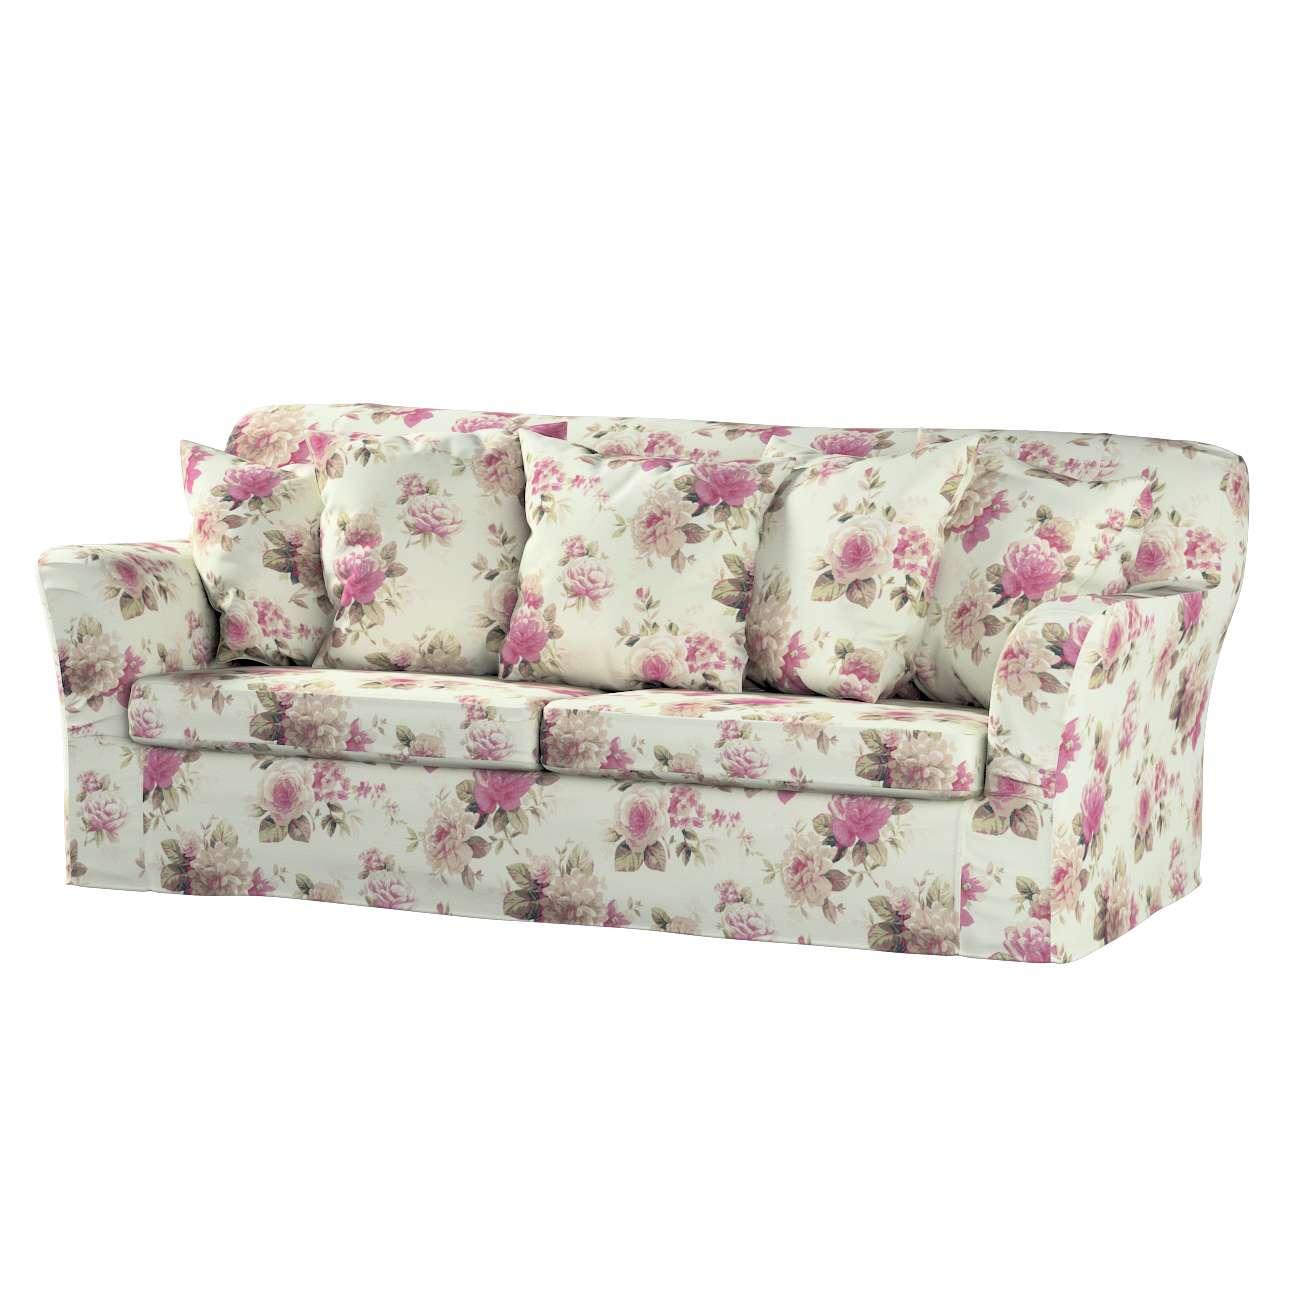 TOMELILLA trivietės sofos lovos užvalkalas TOMELILLA trivietė sofa lova kolekcijoje Mirella, audinys: 141-07